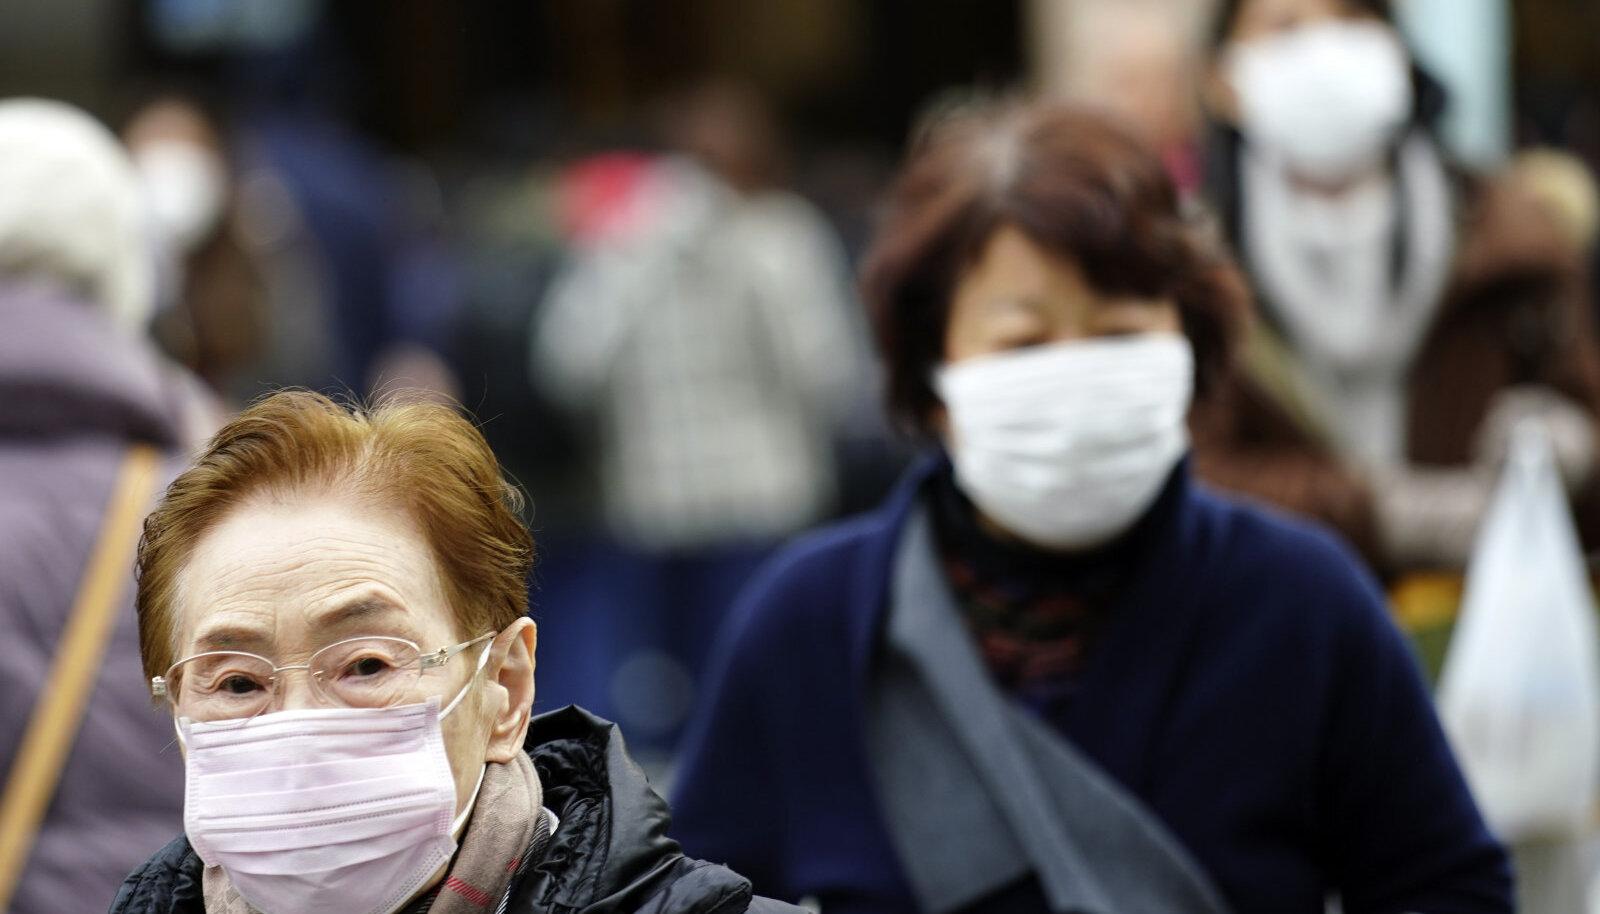 Kaitsemaskidega inimesed Jaapanis